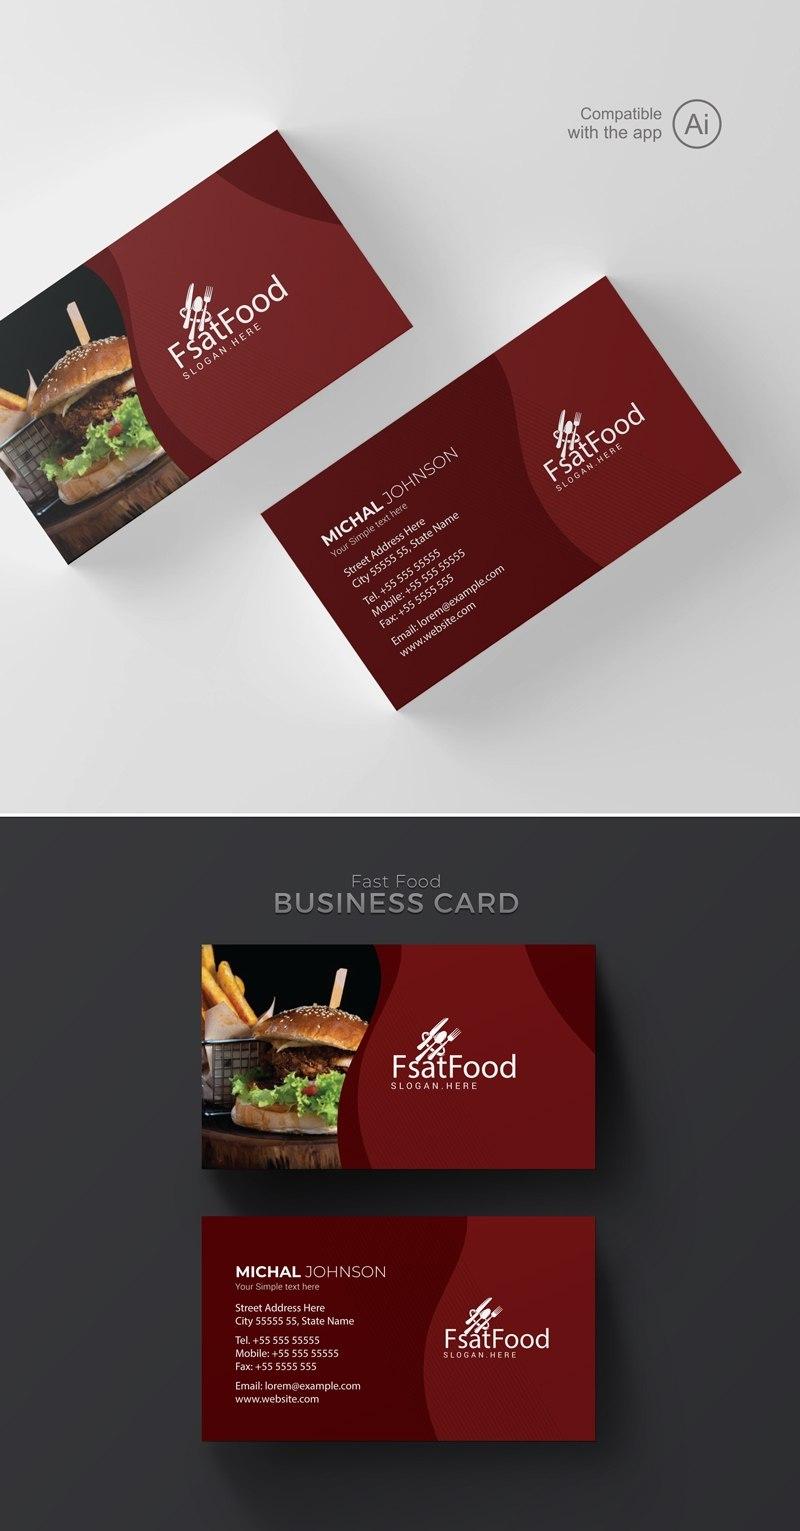 Freepiker  Restaurant Business Card Template With Regard To Restaurant Business Cards Templates Free